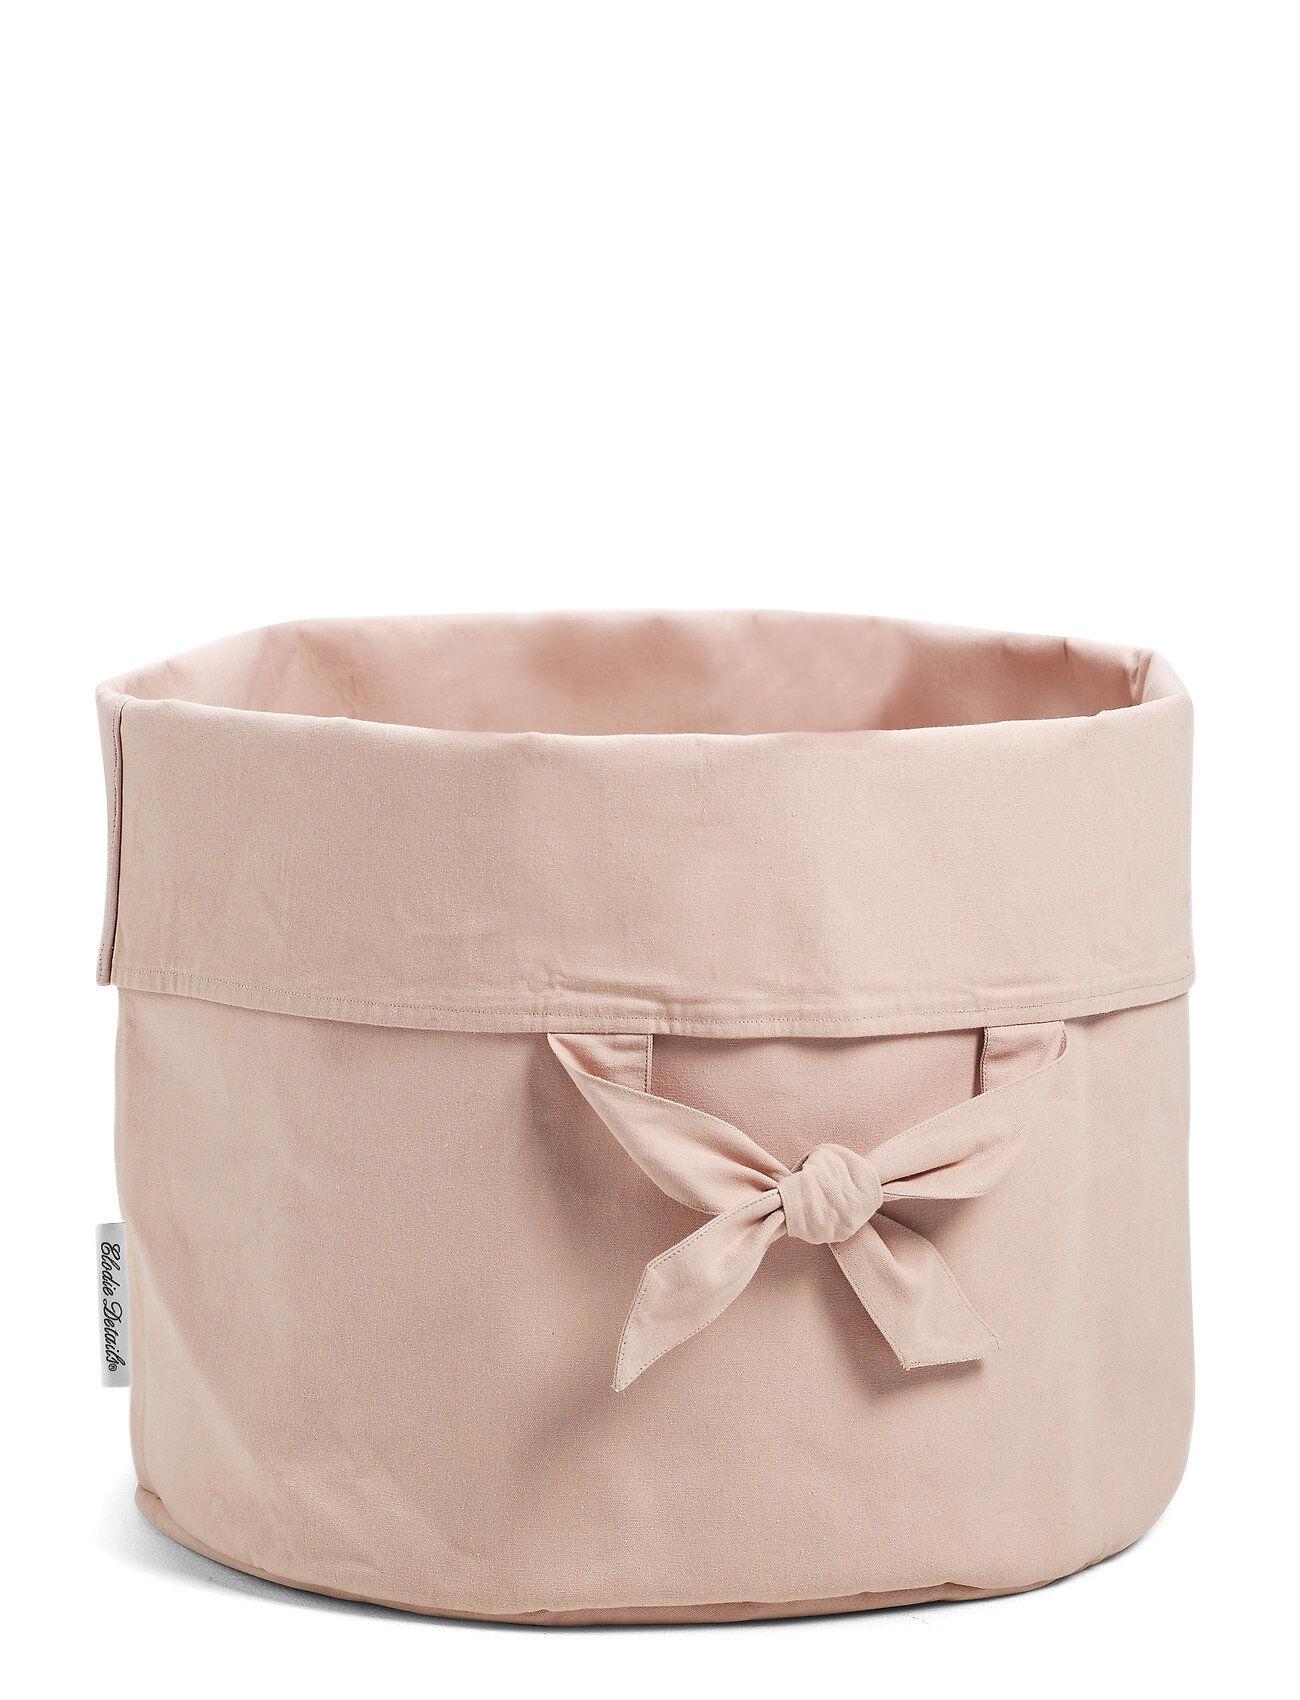 Elodie Details Storemystuff™ - Powder Pink Home Kids Decor Vaaleanpunainen Elodie Details